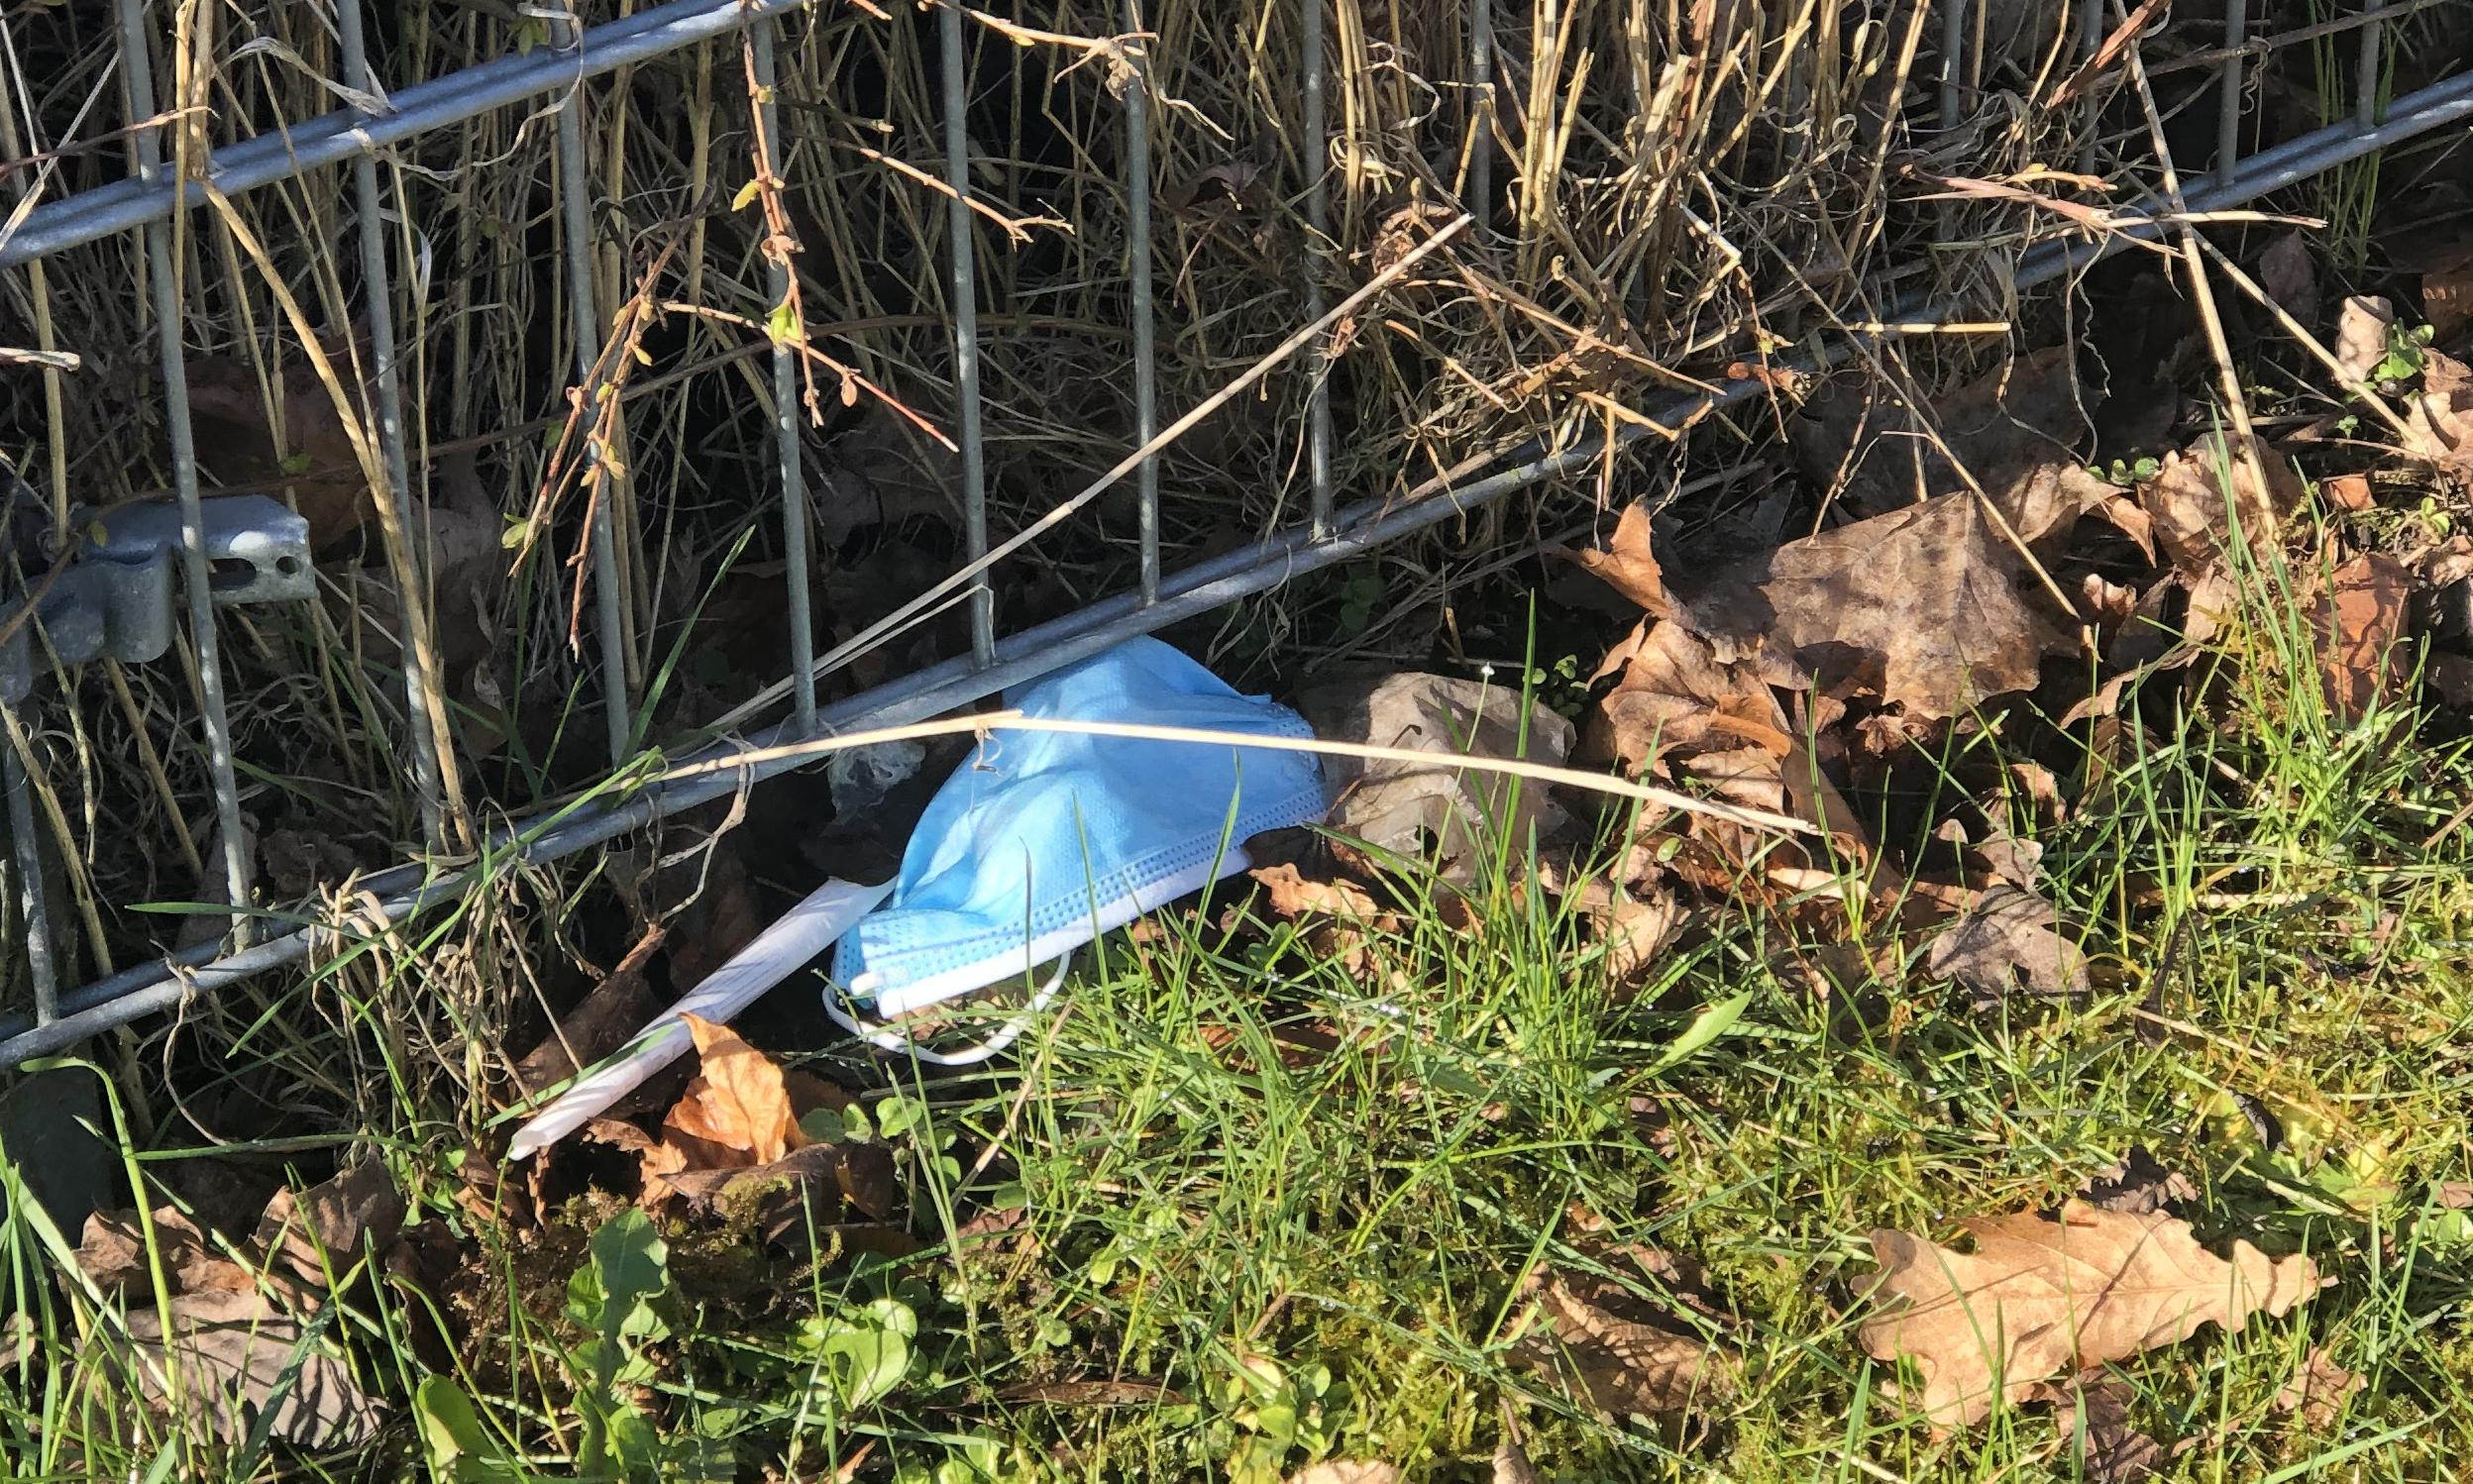 Henkastede mundbind er et problem - Affaldssortering 2021